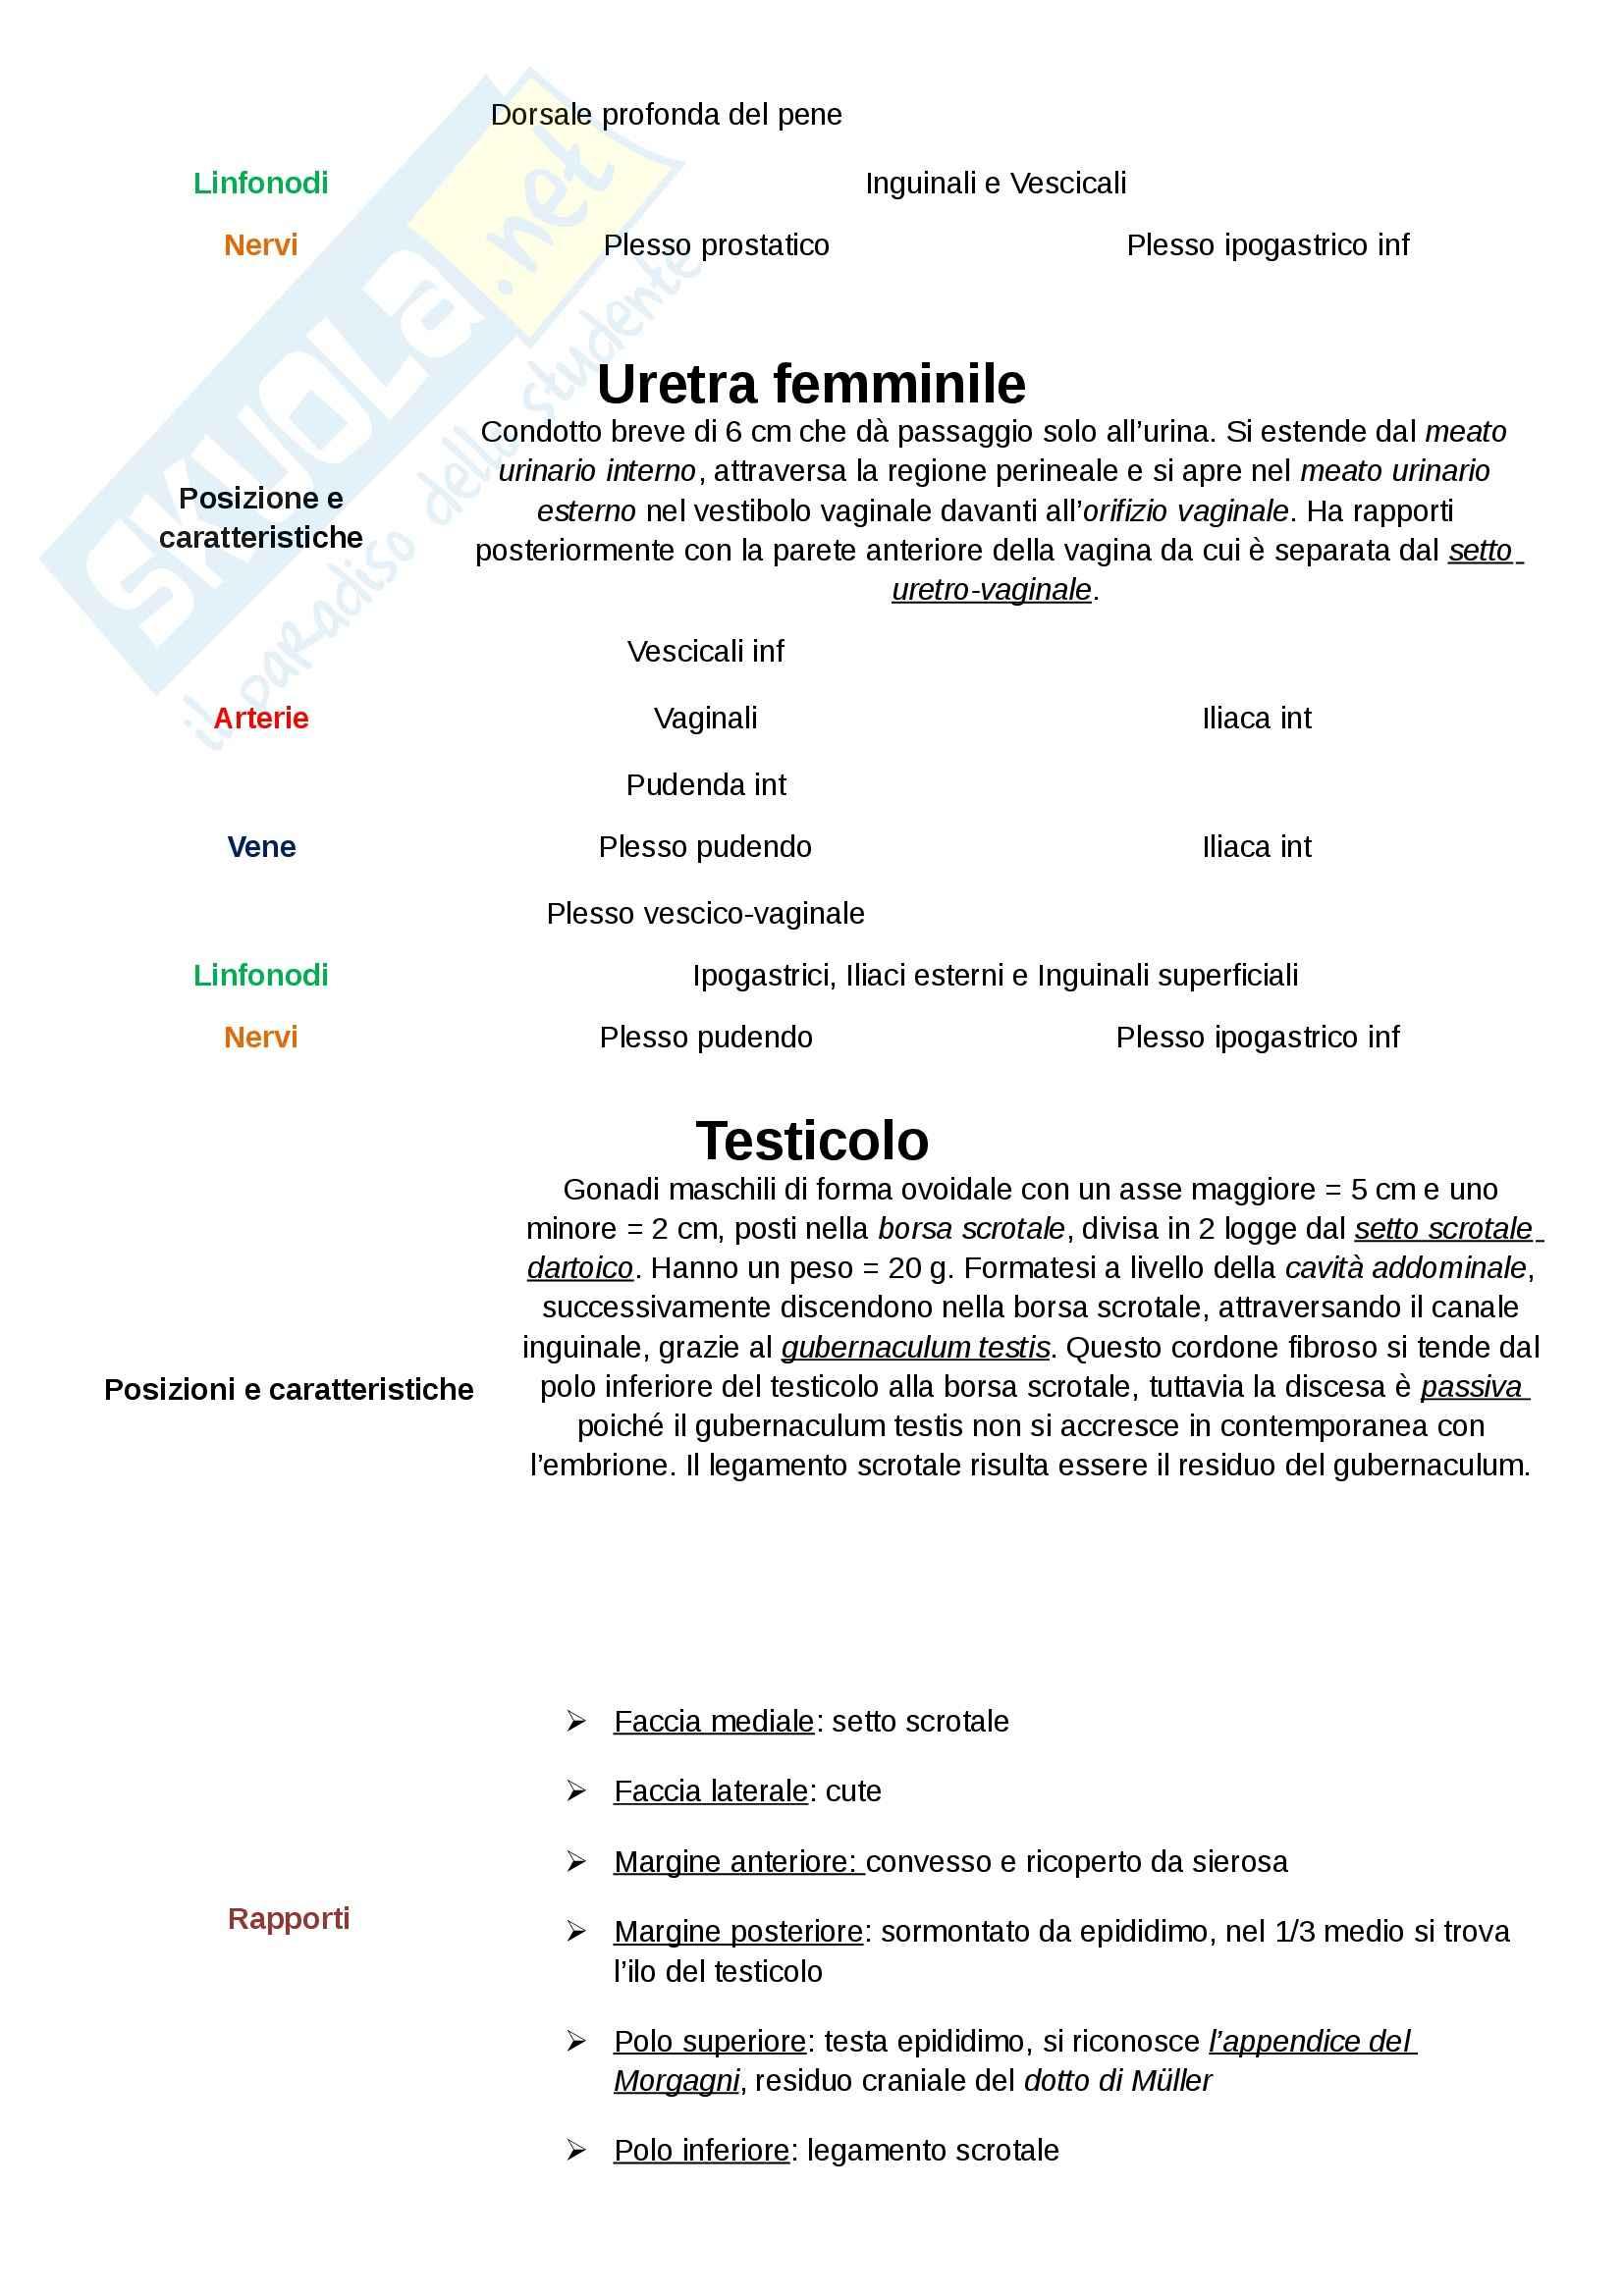 Anatomia umana - uretra e altre nozioni Pag. 2